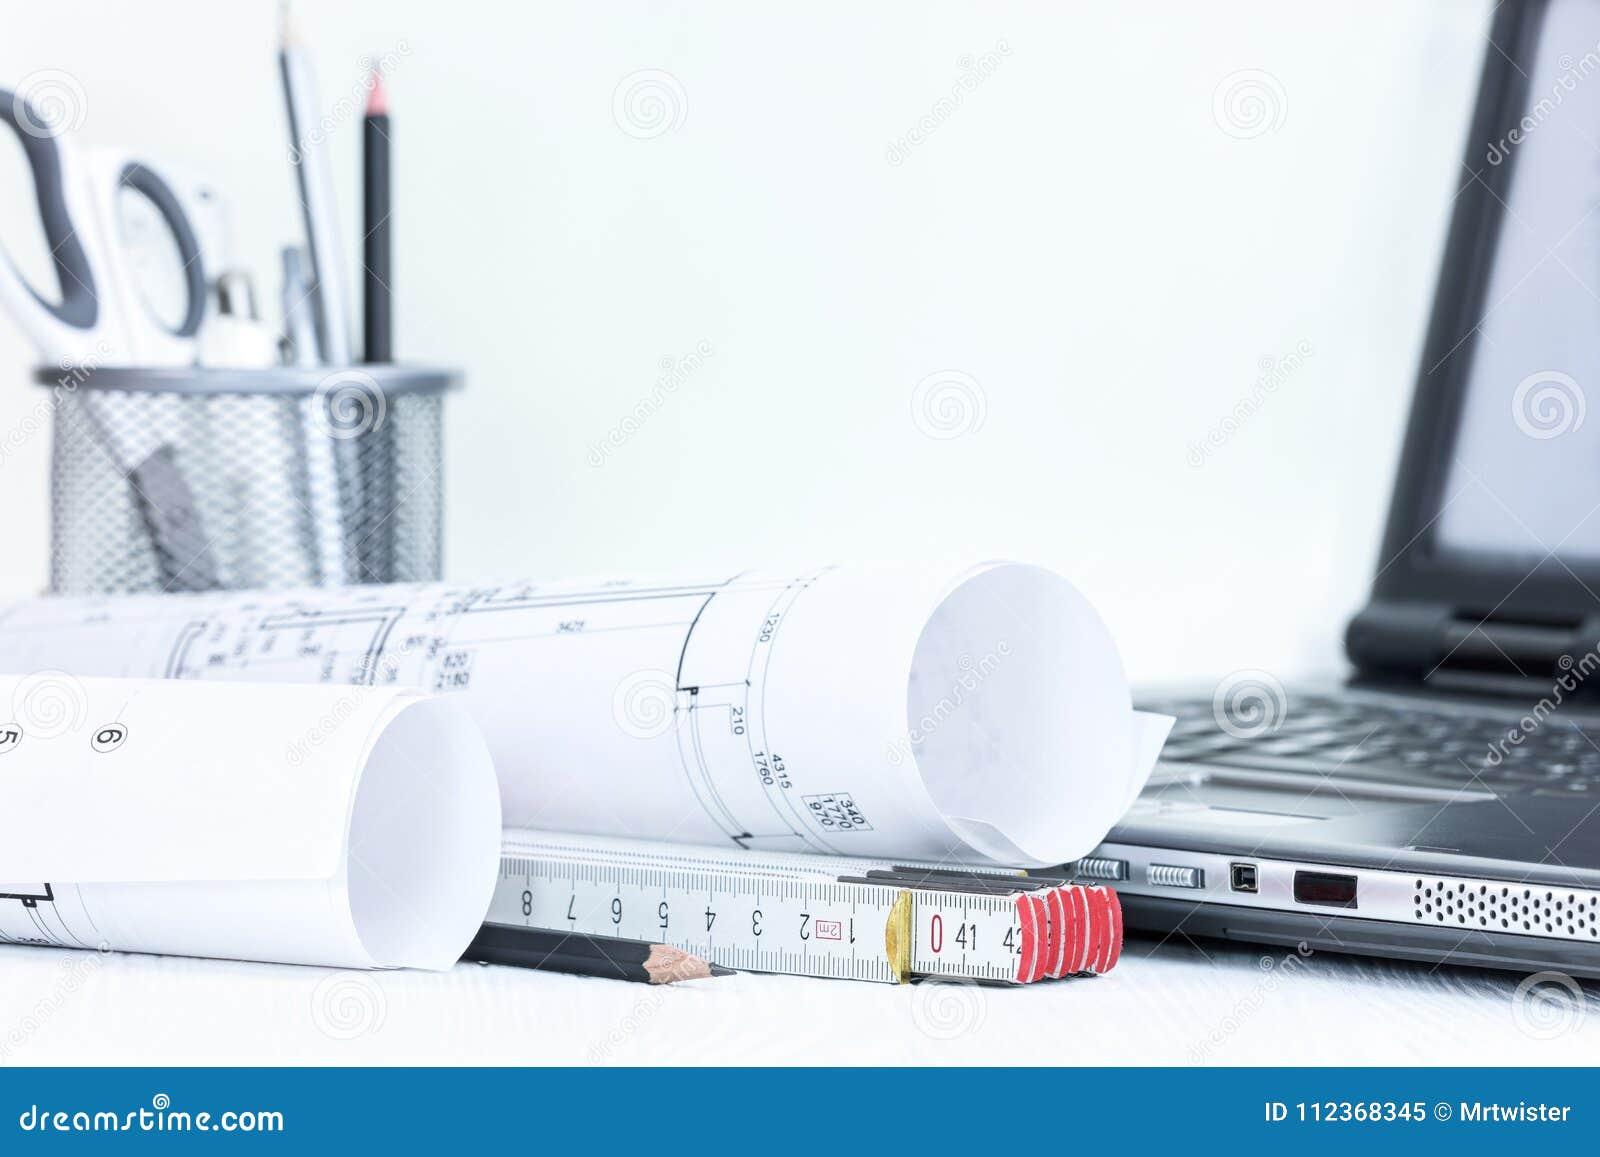 La Construccion Blueprints La Medicion Y Las Herramientas De Dibujo